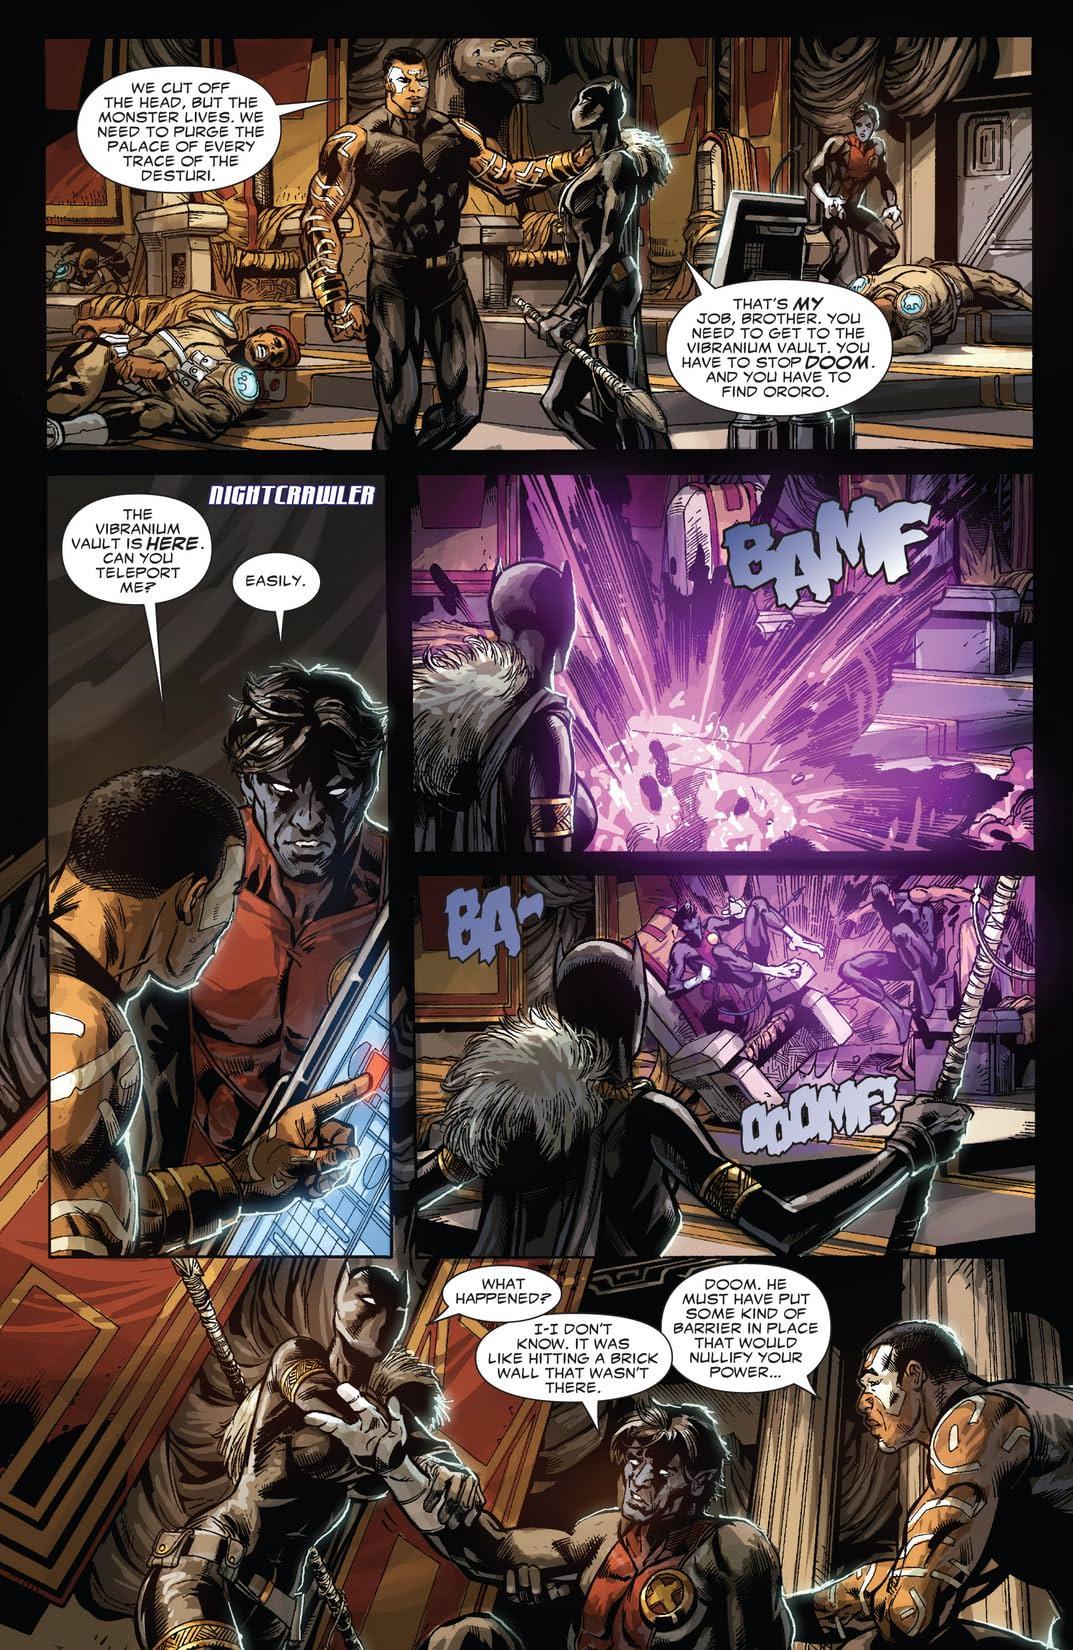 Doomwar #2 (of 6)